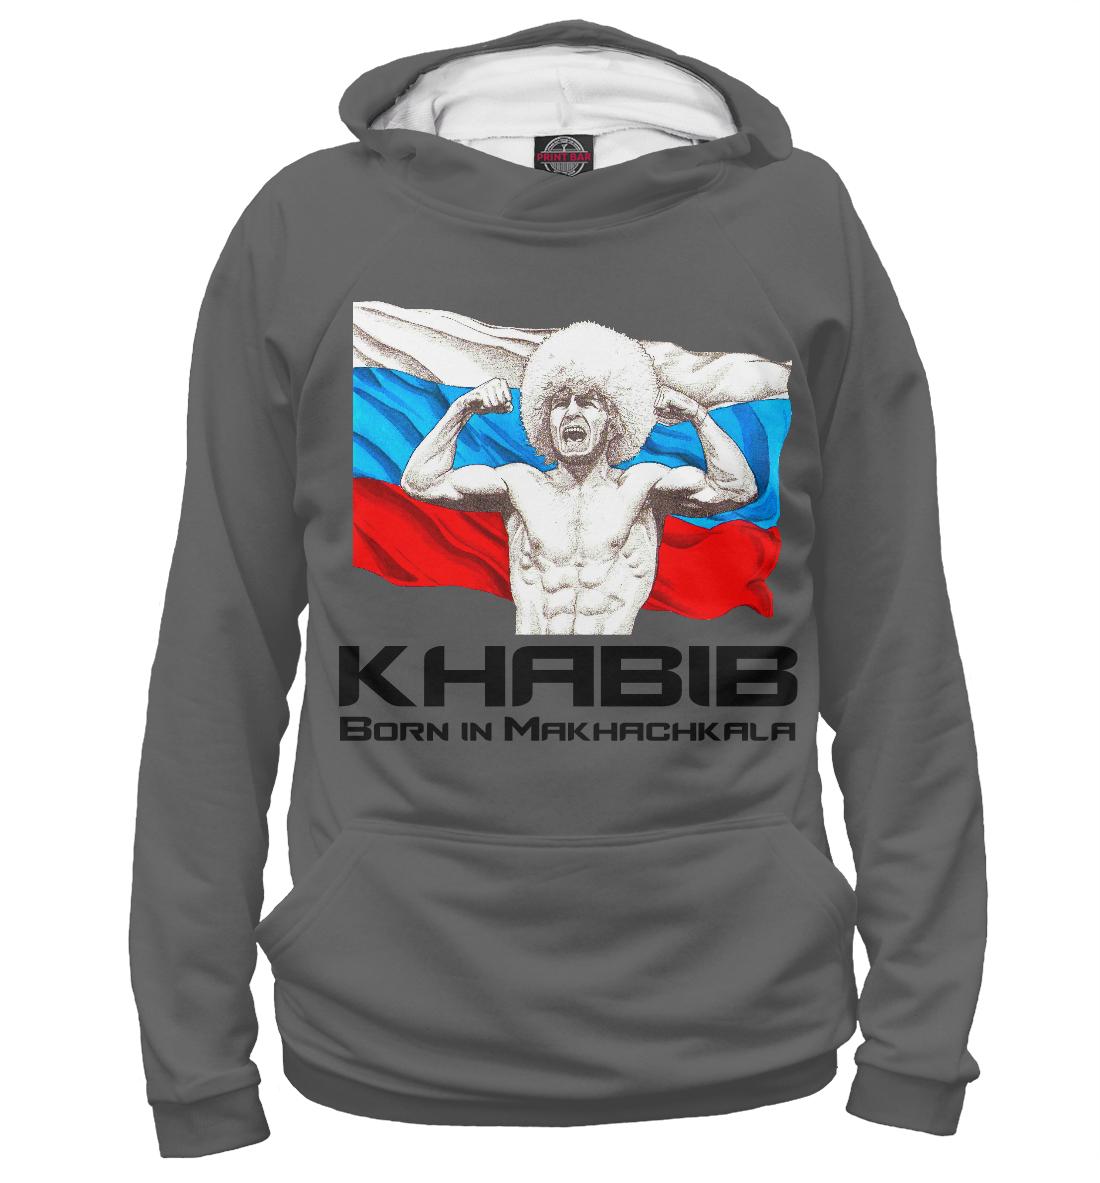 Купить Хабиб Нурмагомедов UFC, Printbar, Худи, NUR-501232-hud-2